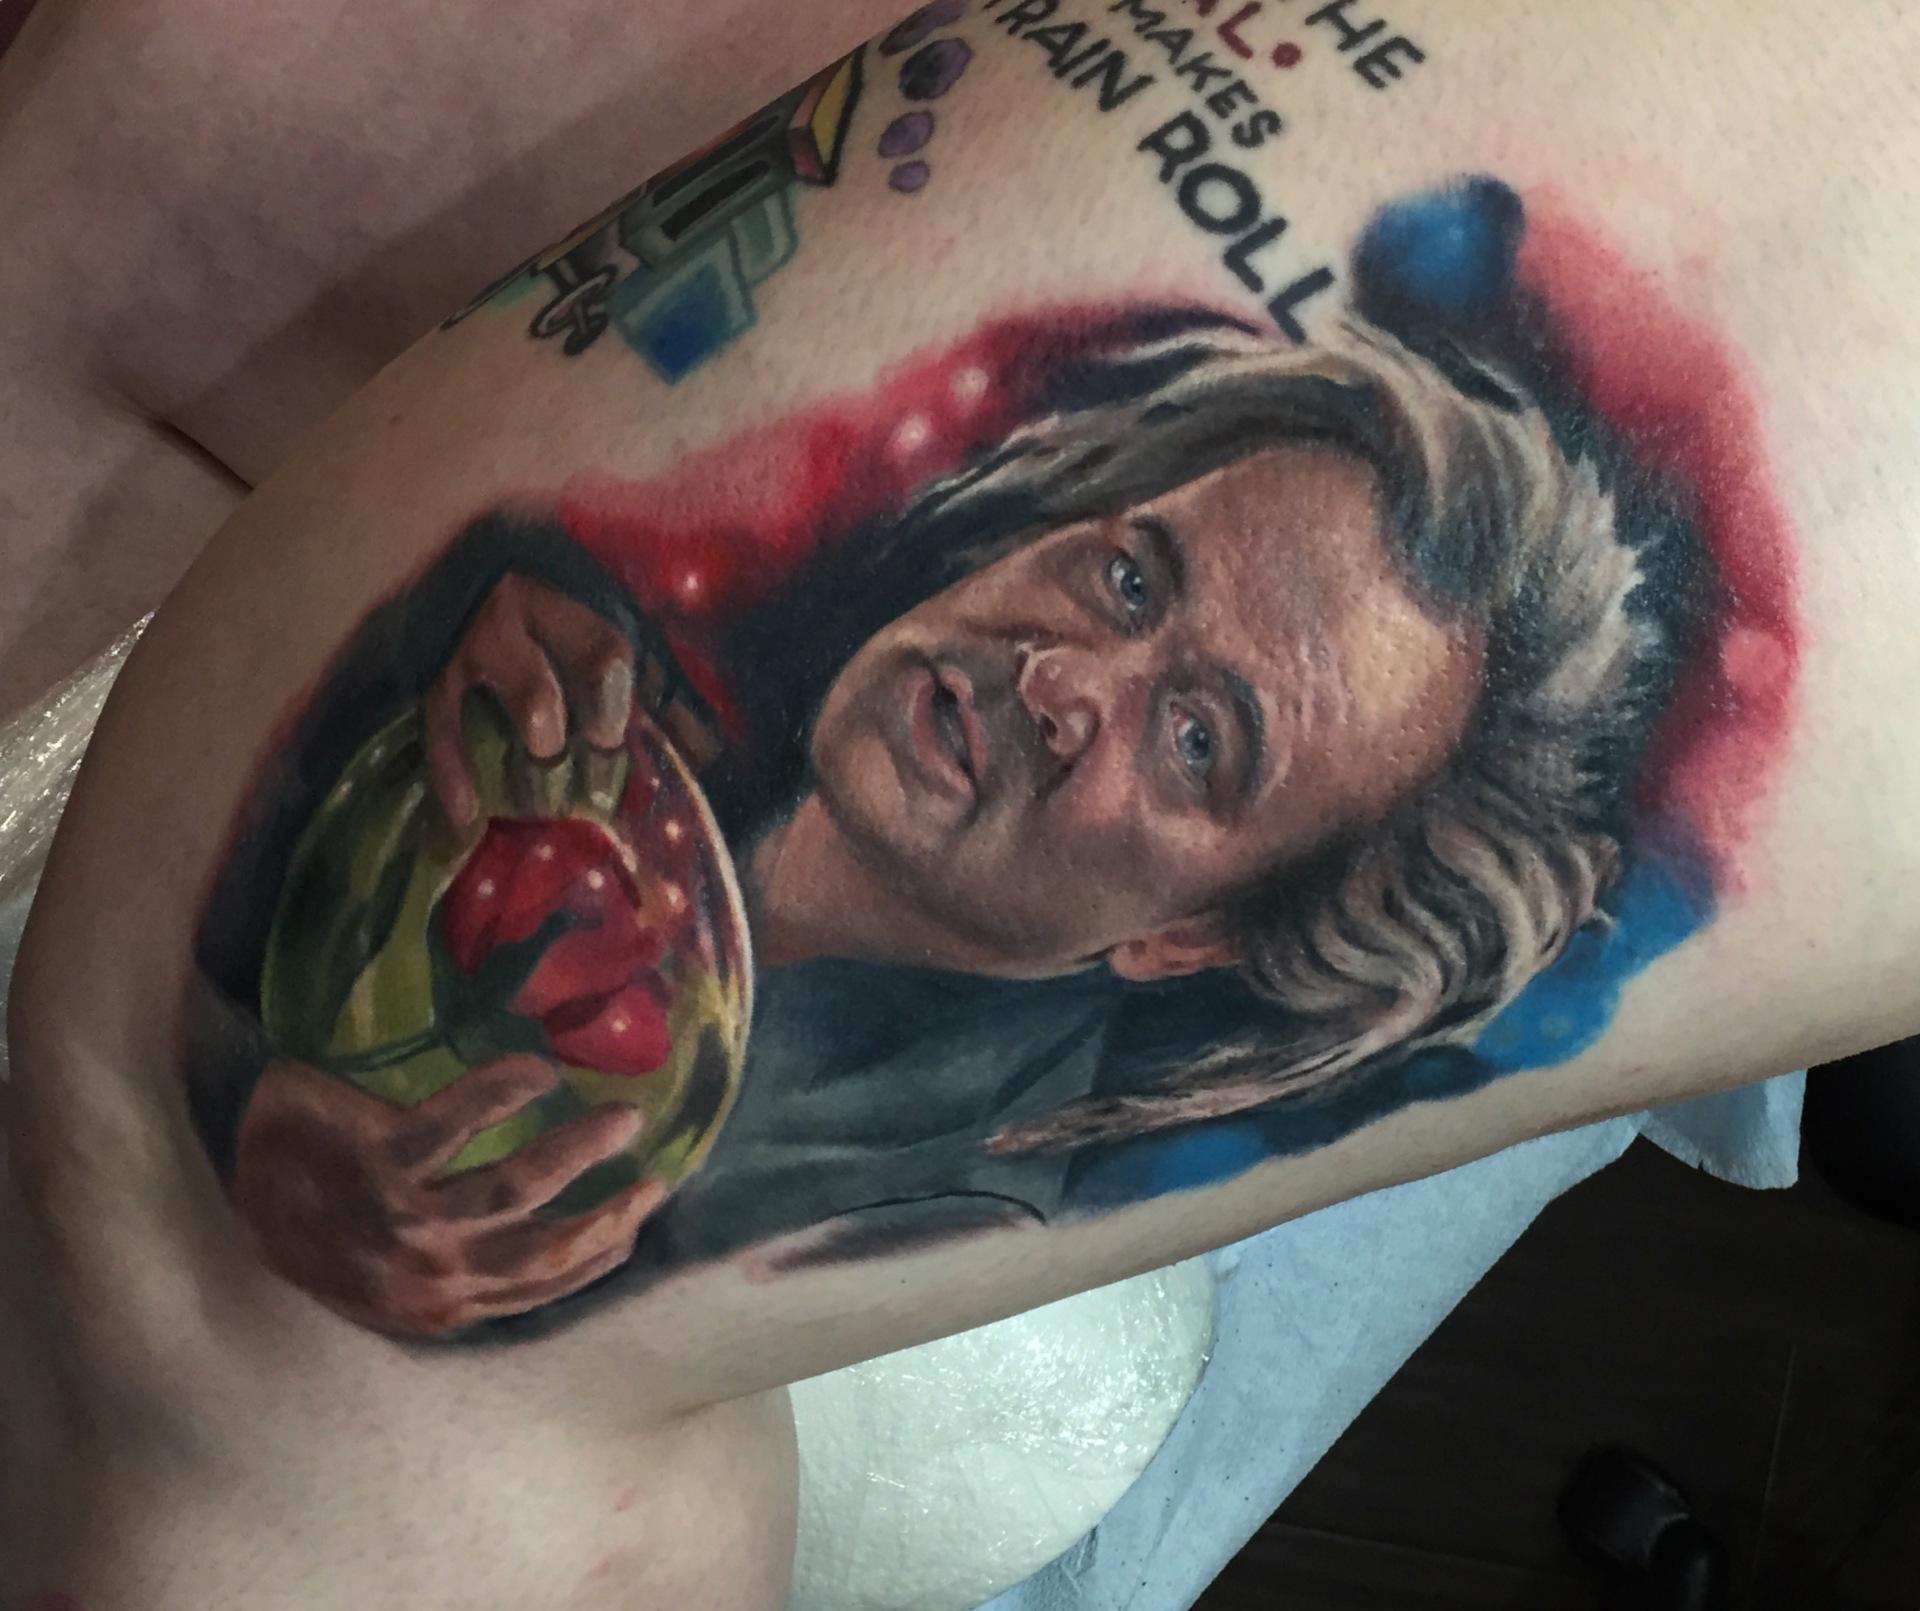 Kingpin tattoo, kingpin, bigerntattoo, big ern tattoo, bill murray, bill murray tattoo, bowling